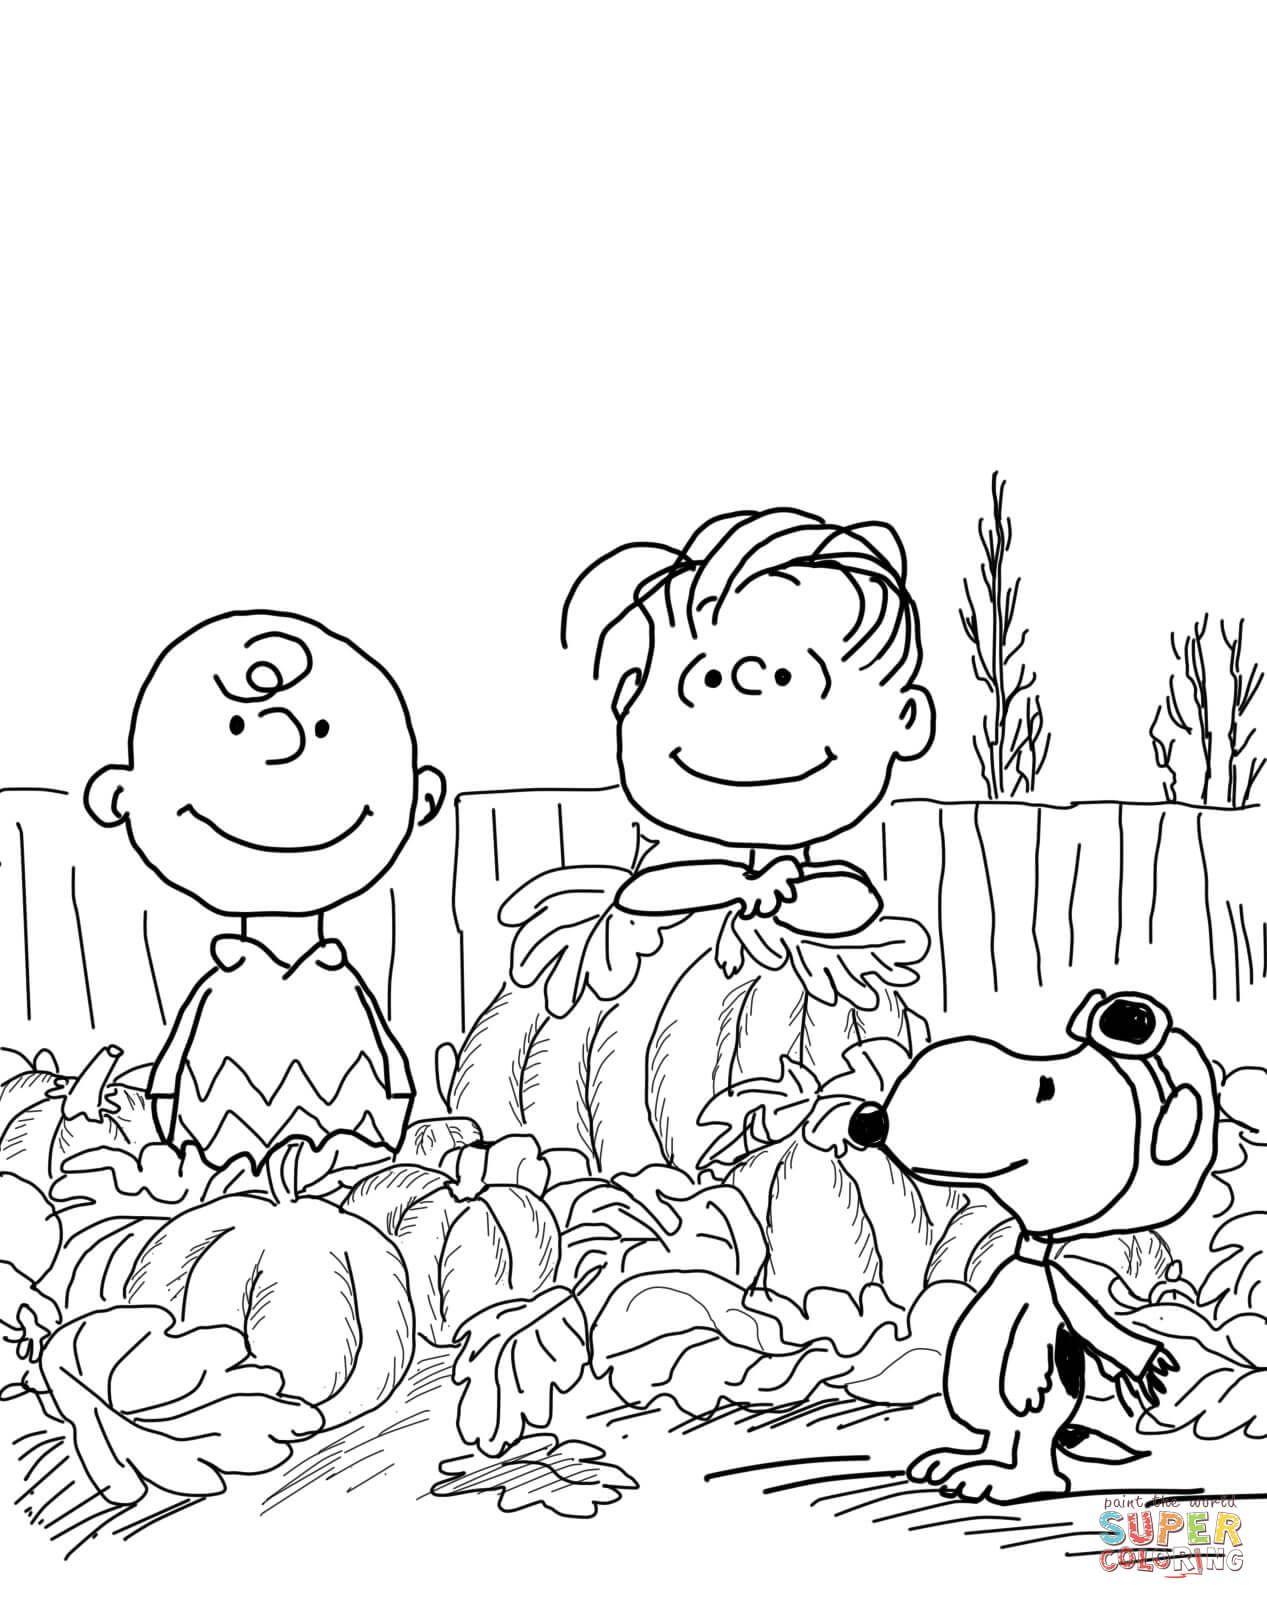 Great Pumpkin Charlie Brown Coloring Page | Free Printable